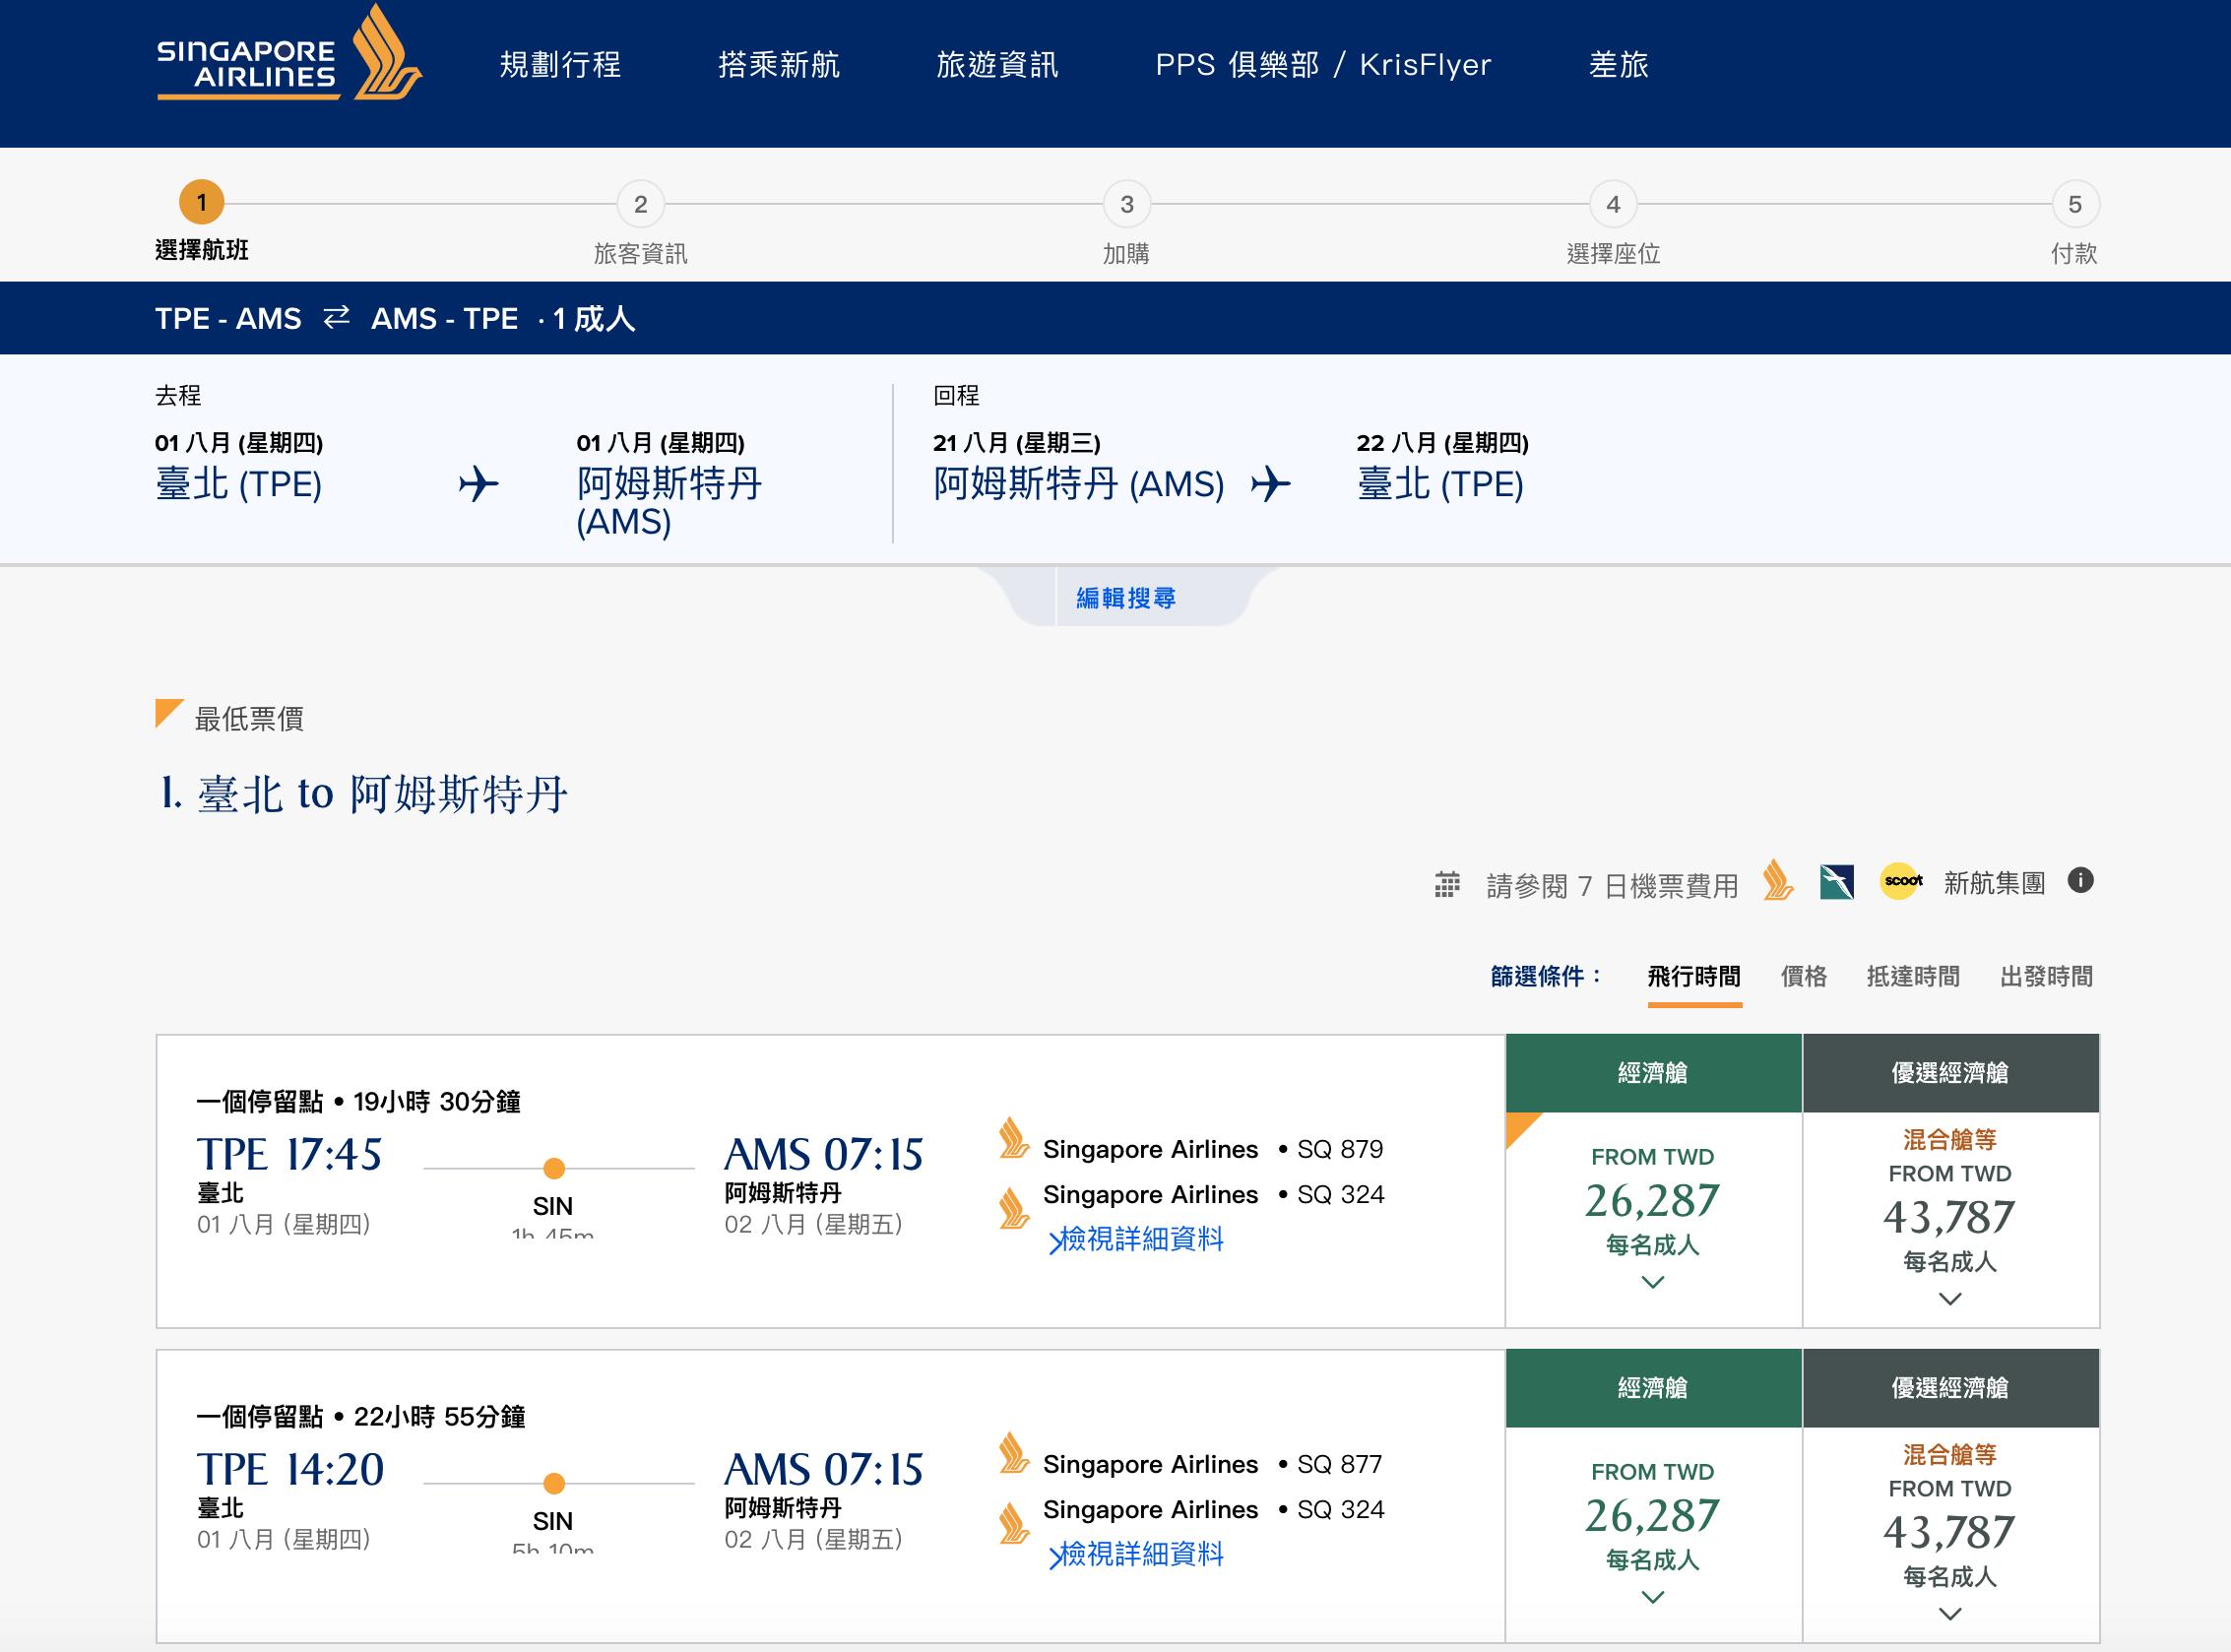 又見新加坡航空暑假7~8月特價,台北出發中轉新加坡,AMS 25K起~(查票:107.11.6)